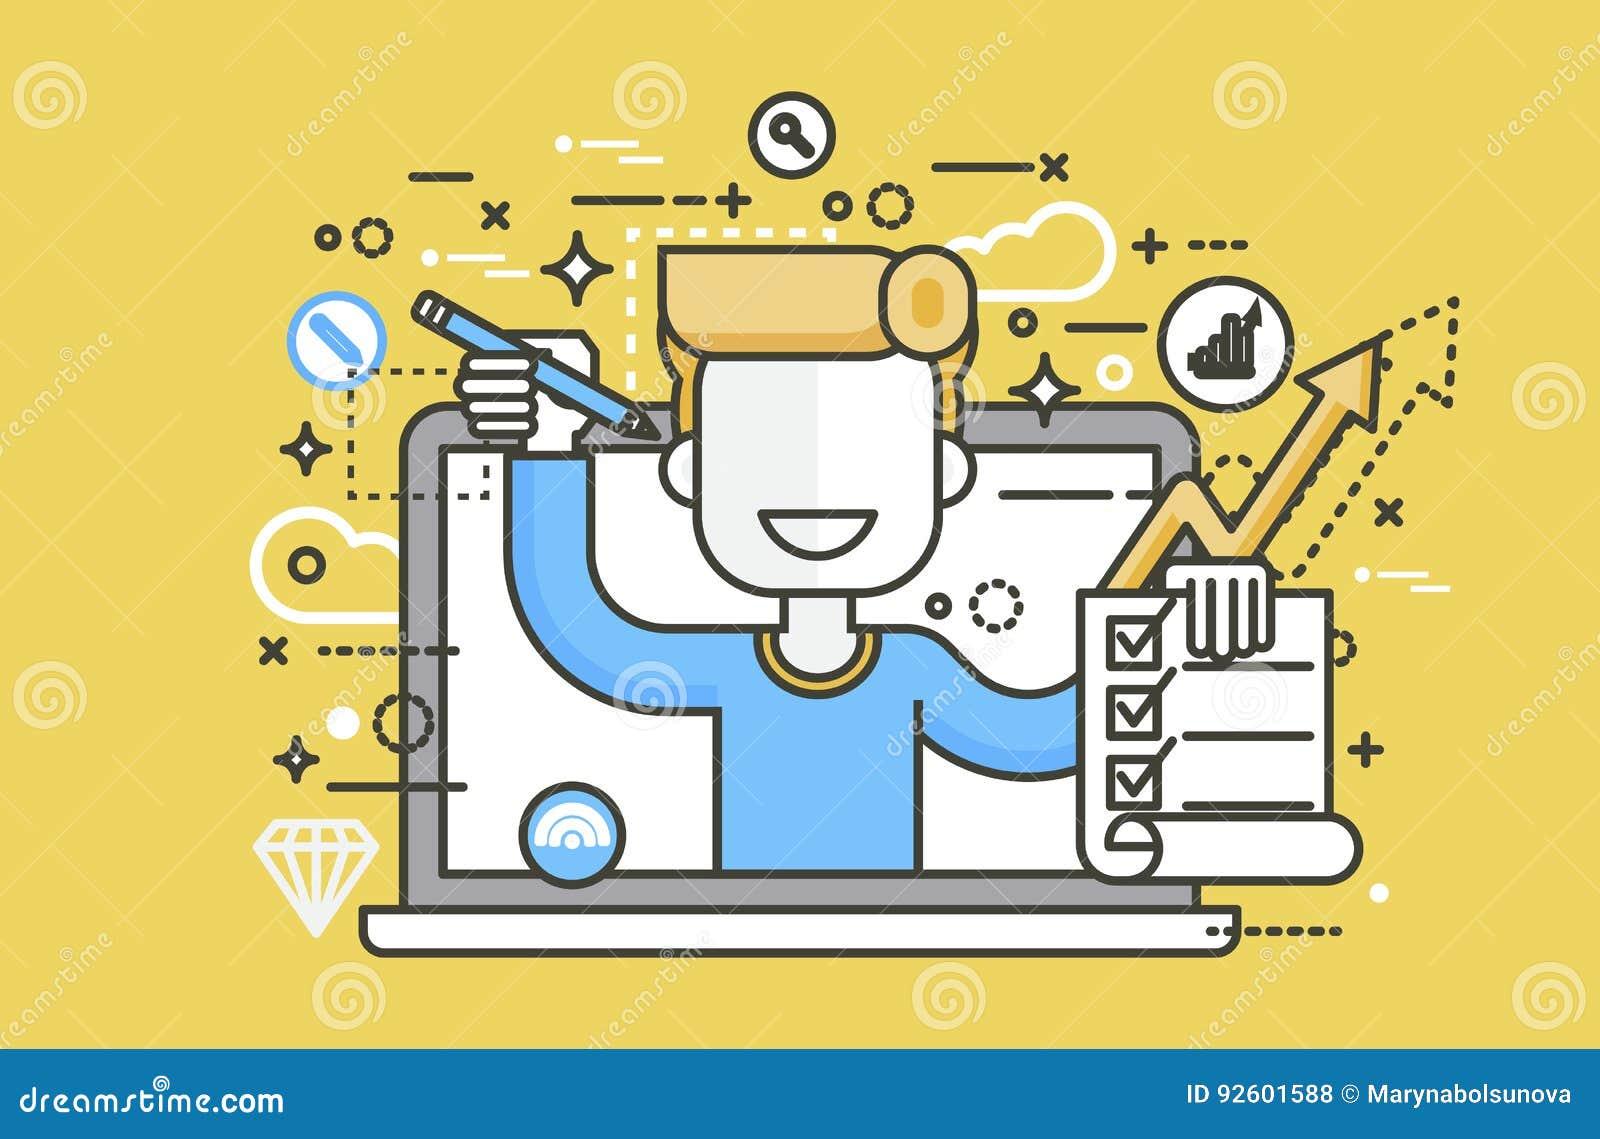 Το διανυσματικό άτομο απεικόνισης στις προσφορές σημειωματάριων lap-top συμπληρώνει την εκπαίδευση στοιχείων σχεδίου αίτησης υποψ